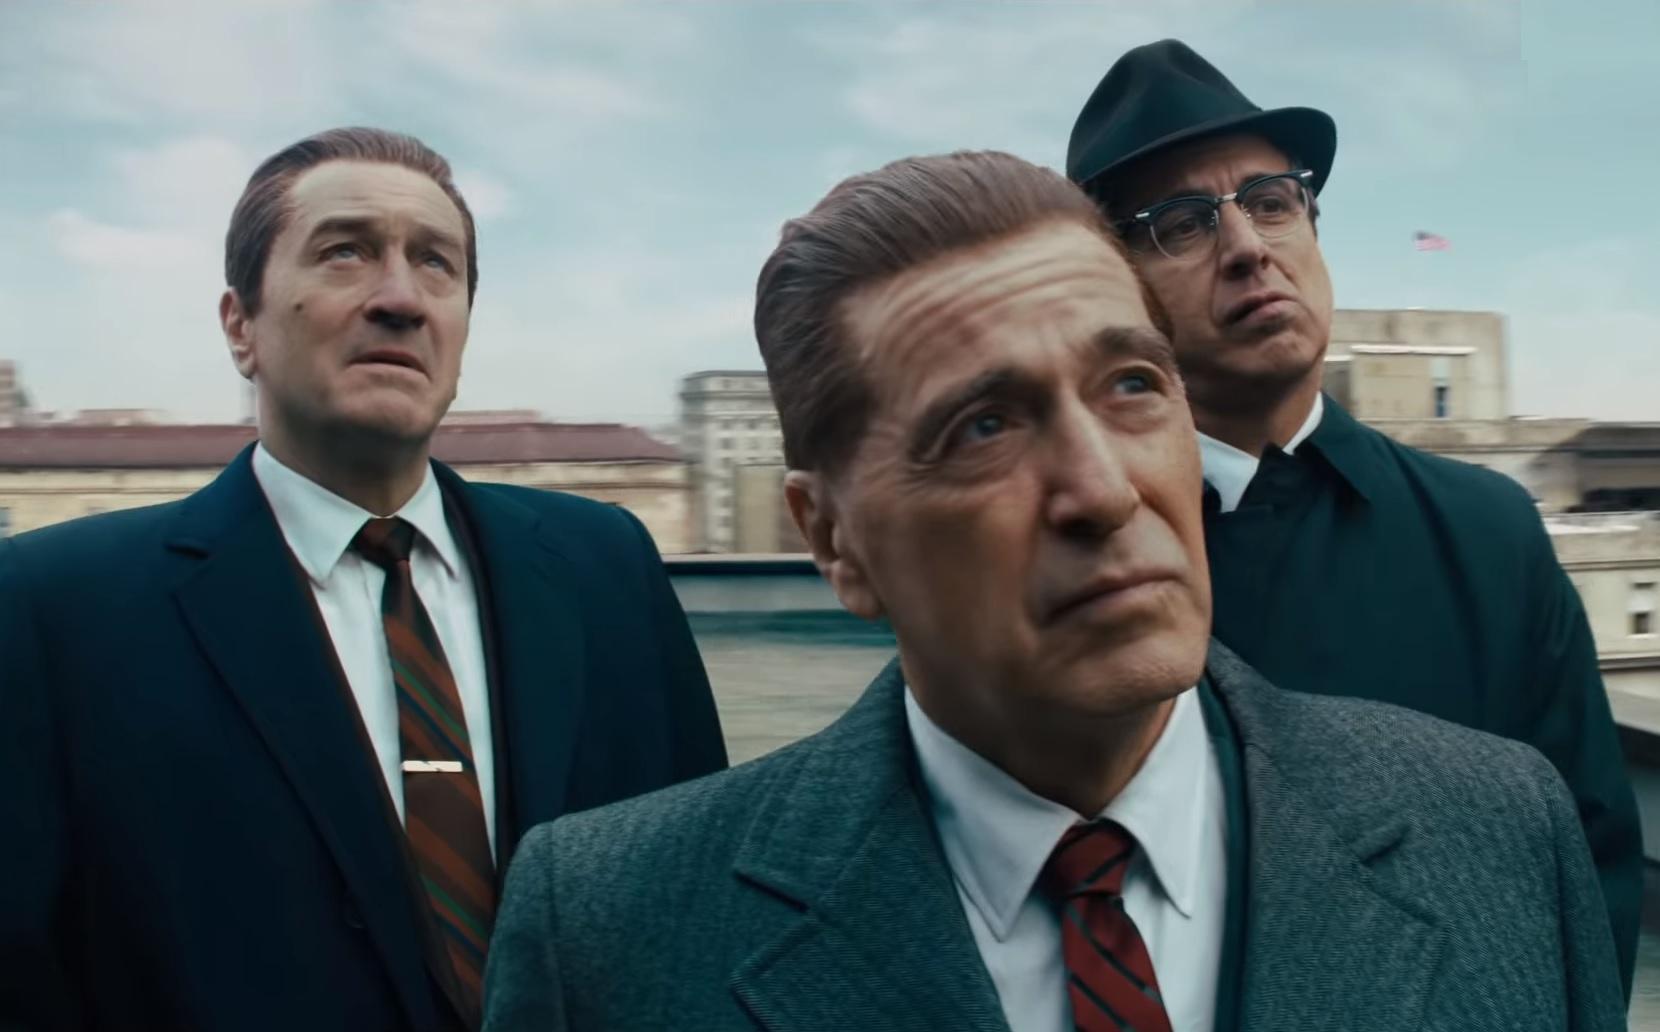 Scorsese megcsinálta a filmet, amire mindig vártunk, de más lett, mint ahogy elképzeltük